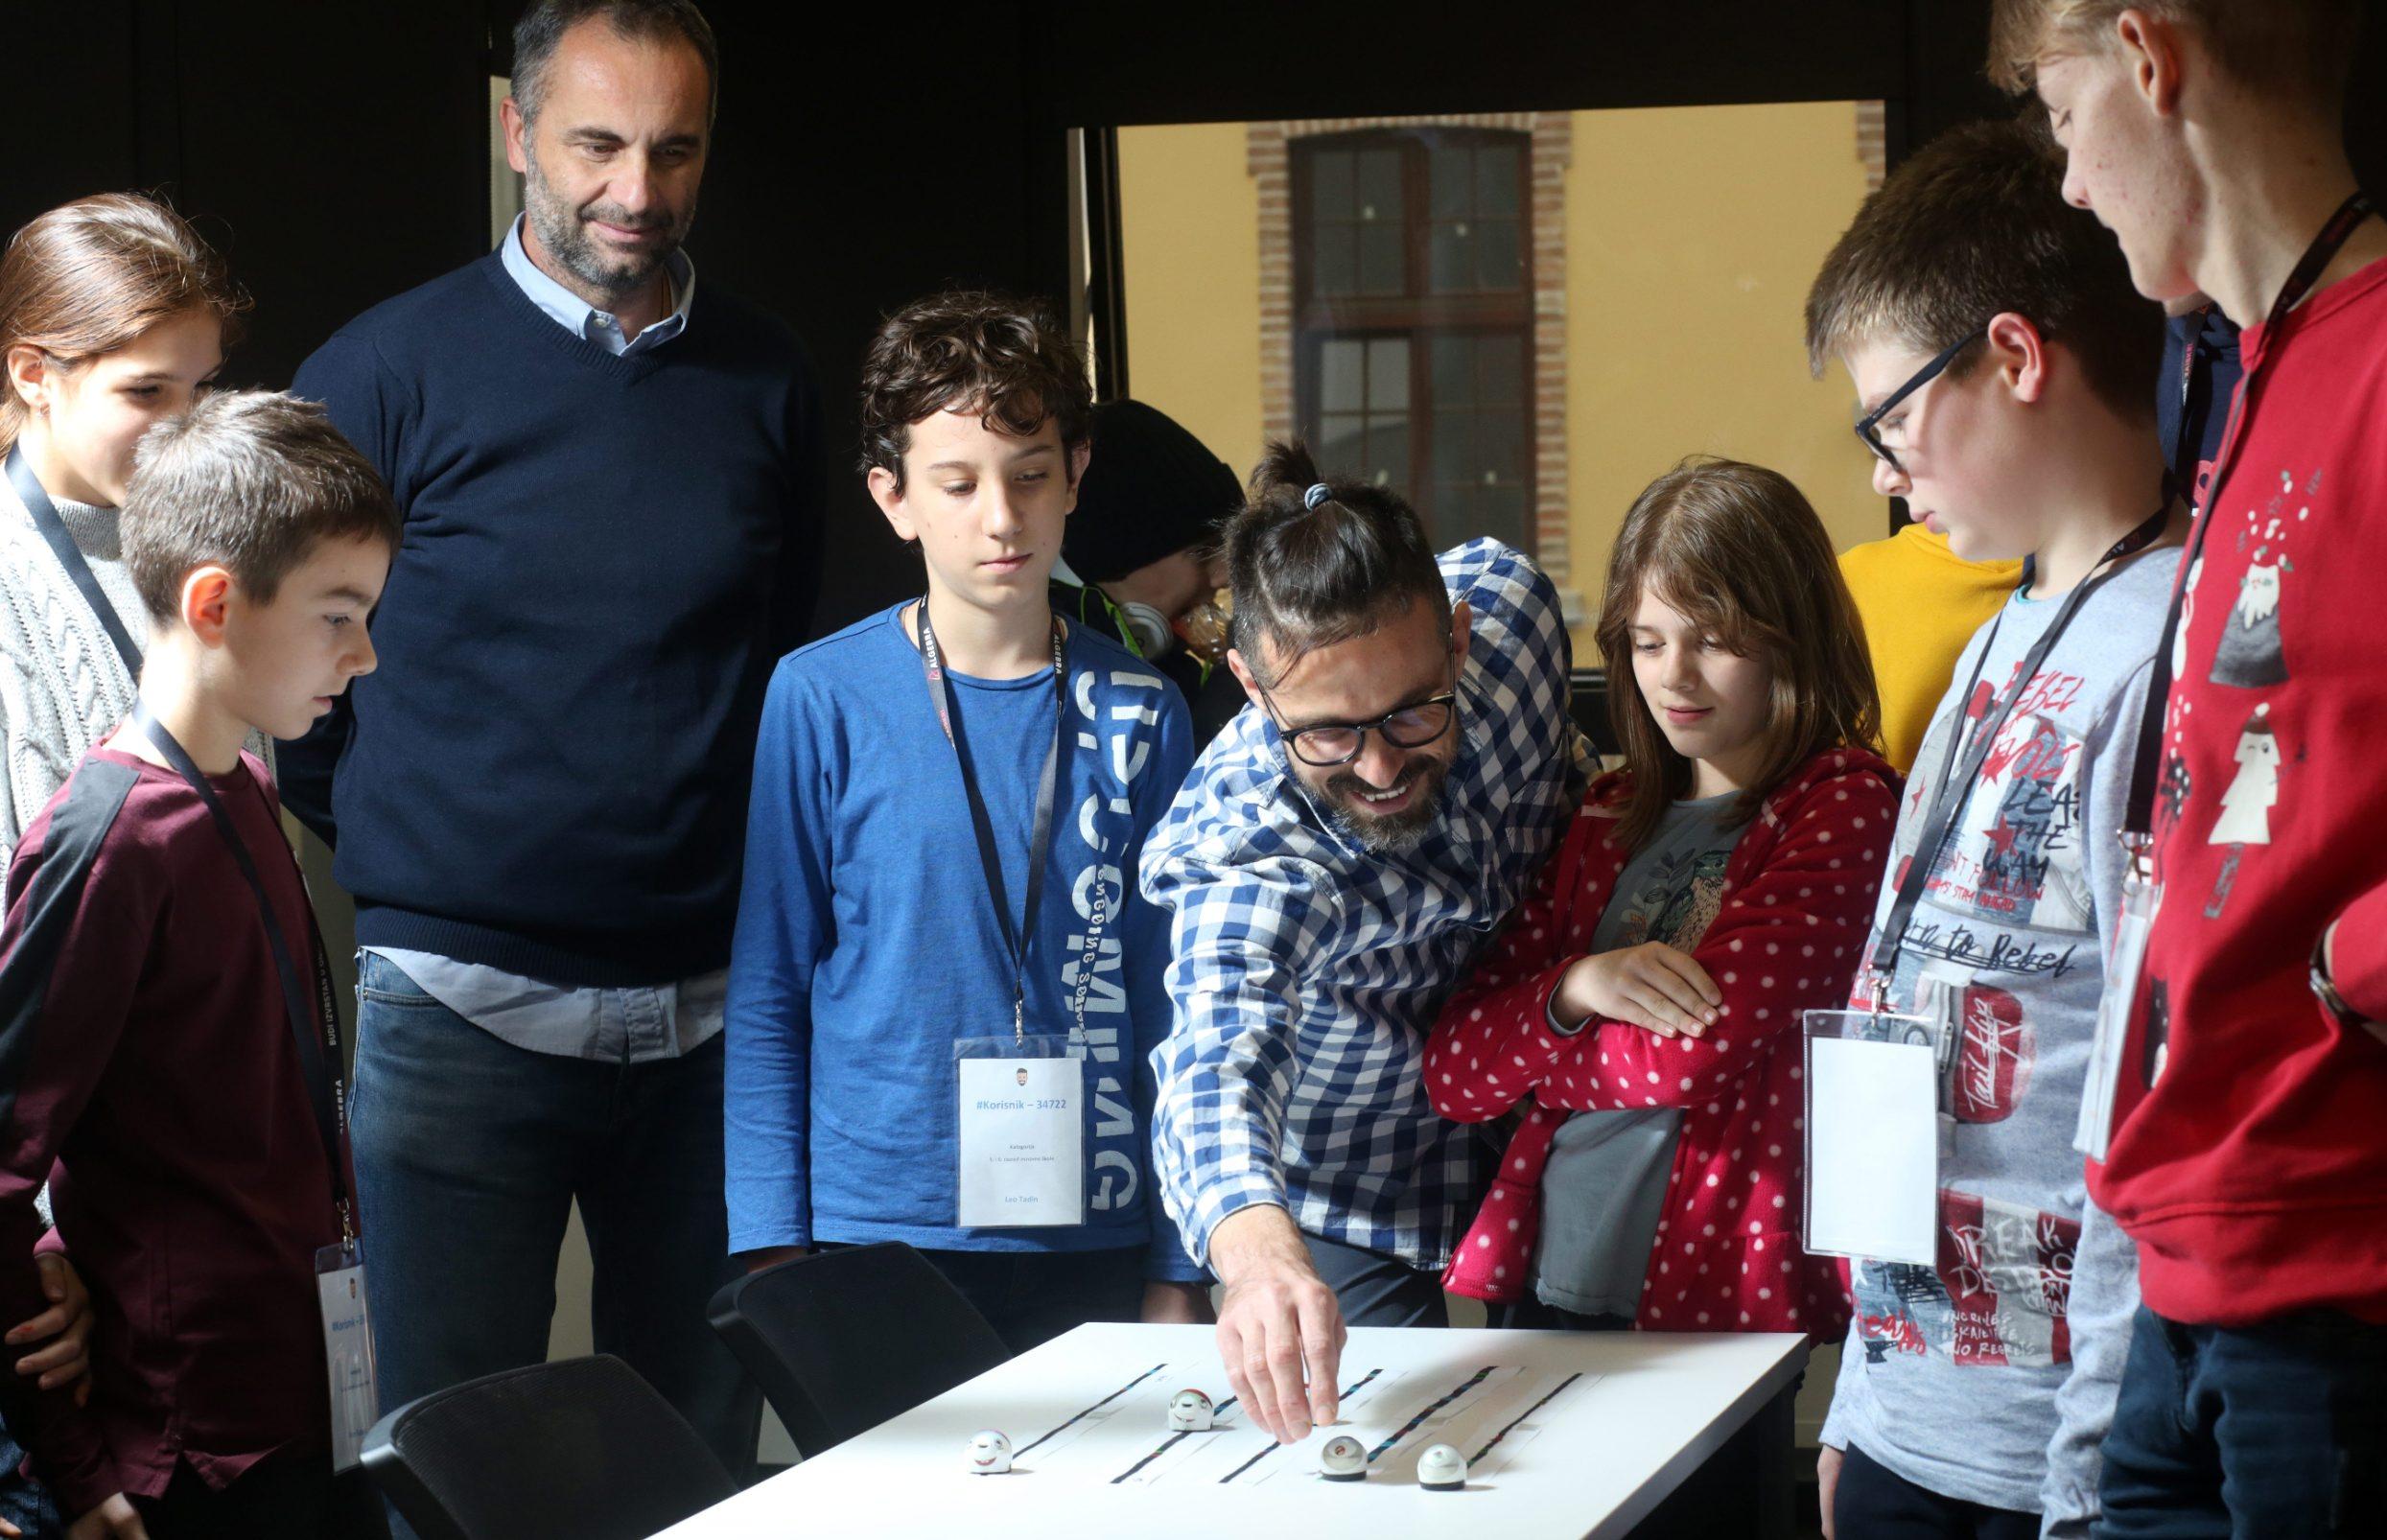 U subotu je završila prva sezona Toni Milun Lige koju su osmislili u suradnji s Algebrom omiljeni profesor matematike Toni Milun i poznati autor i voditelj kvizova Joško Lokas